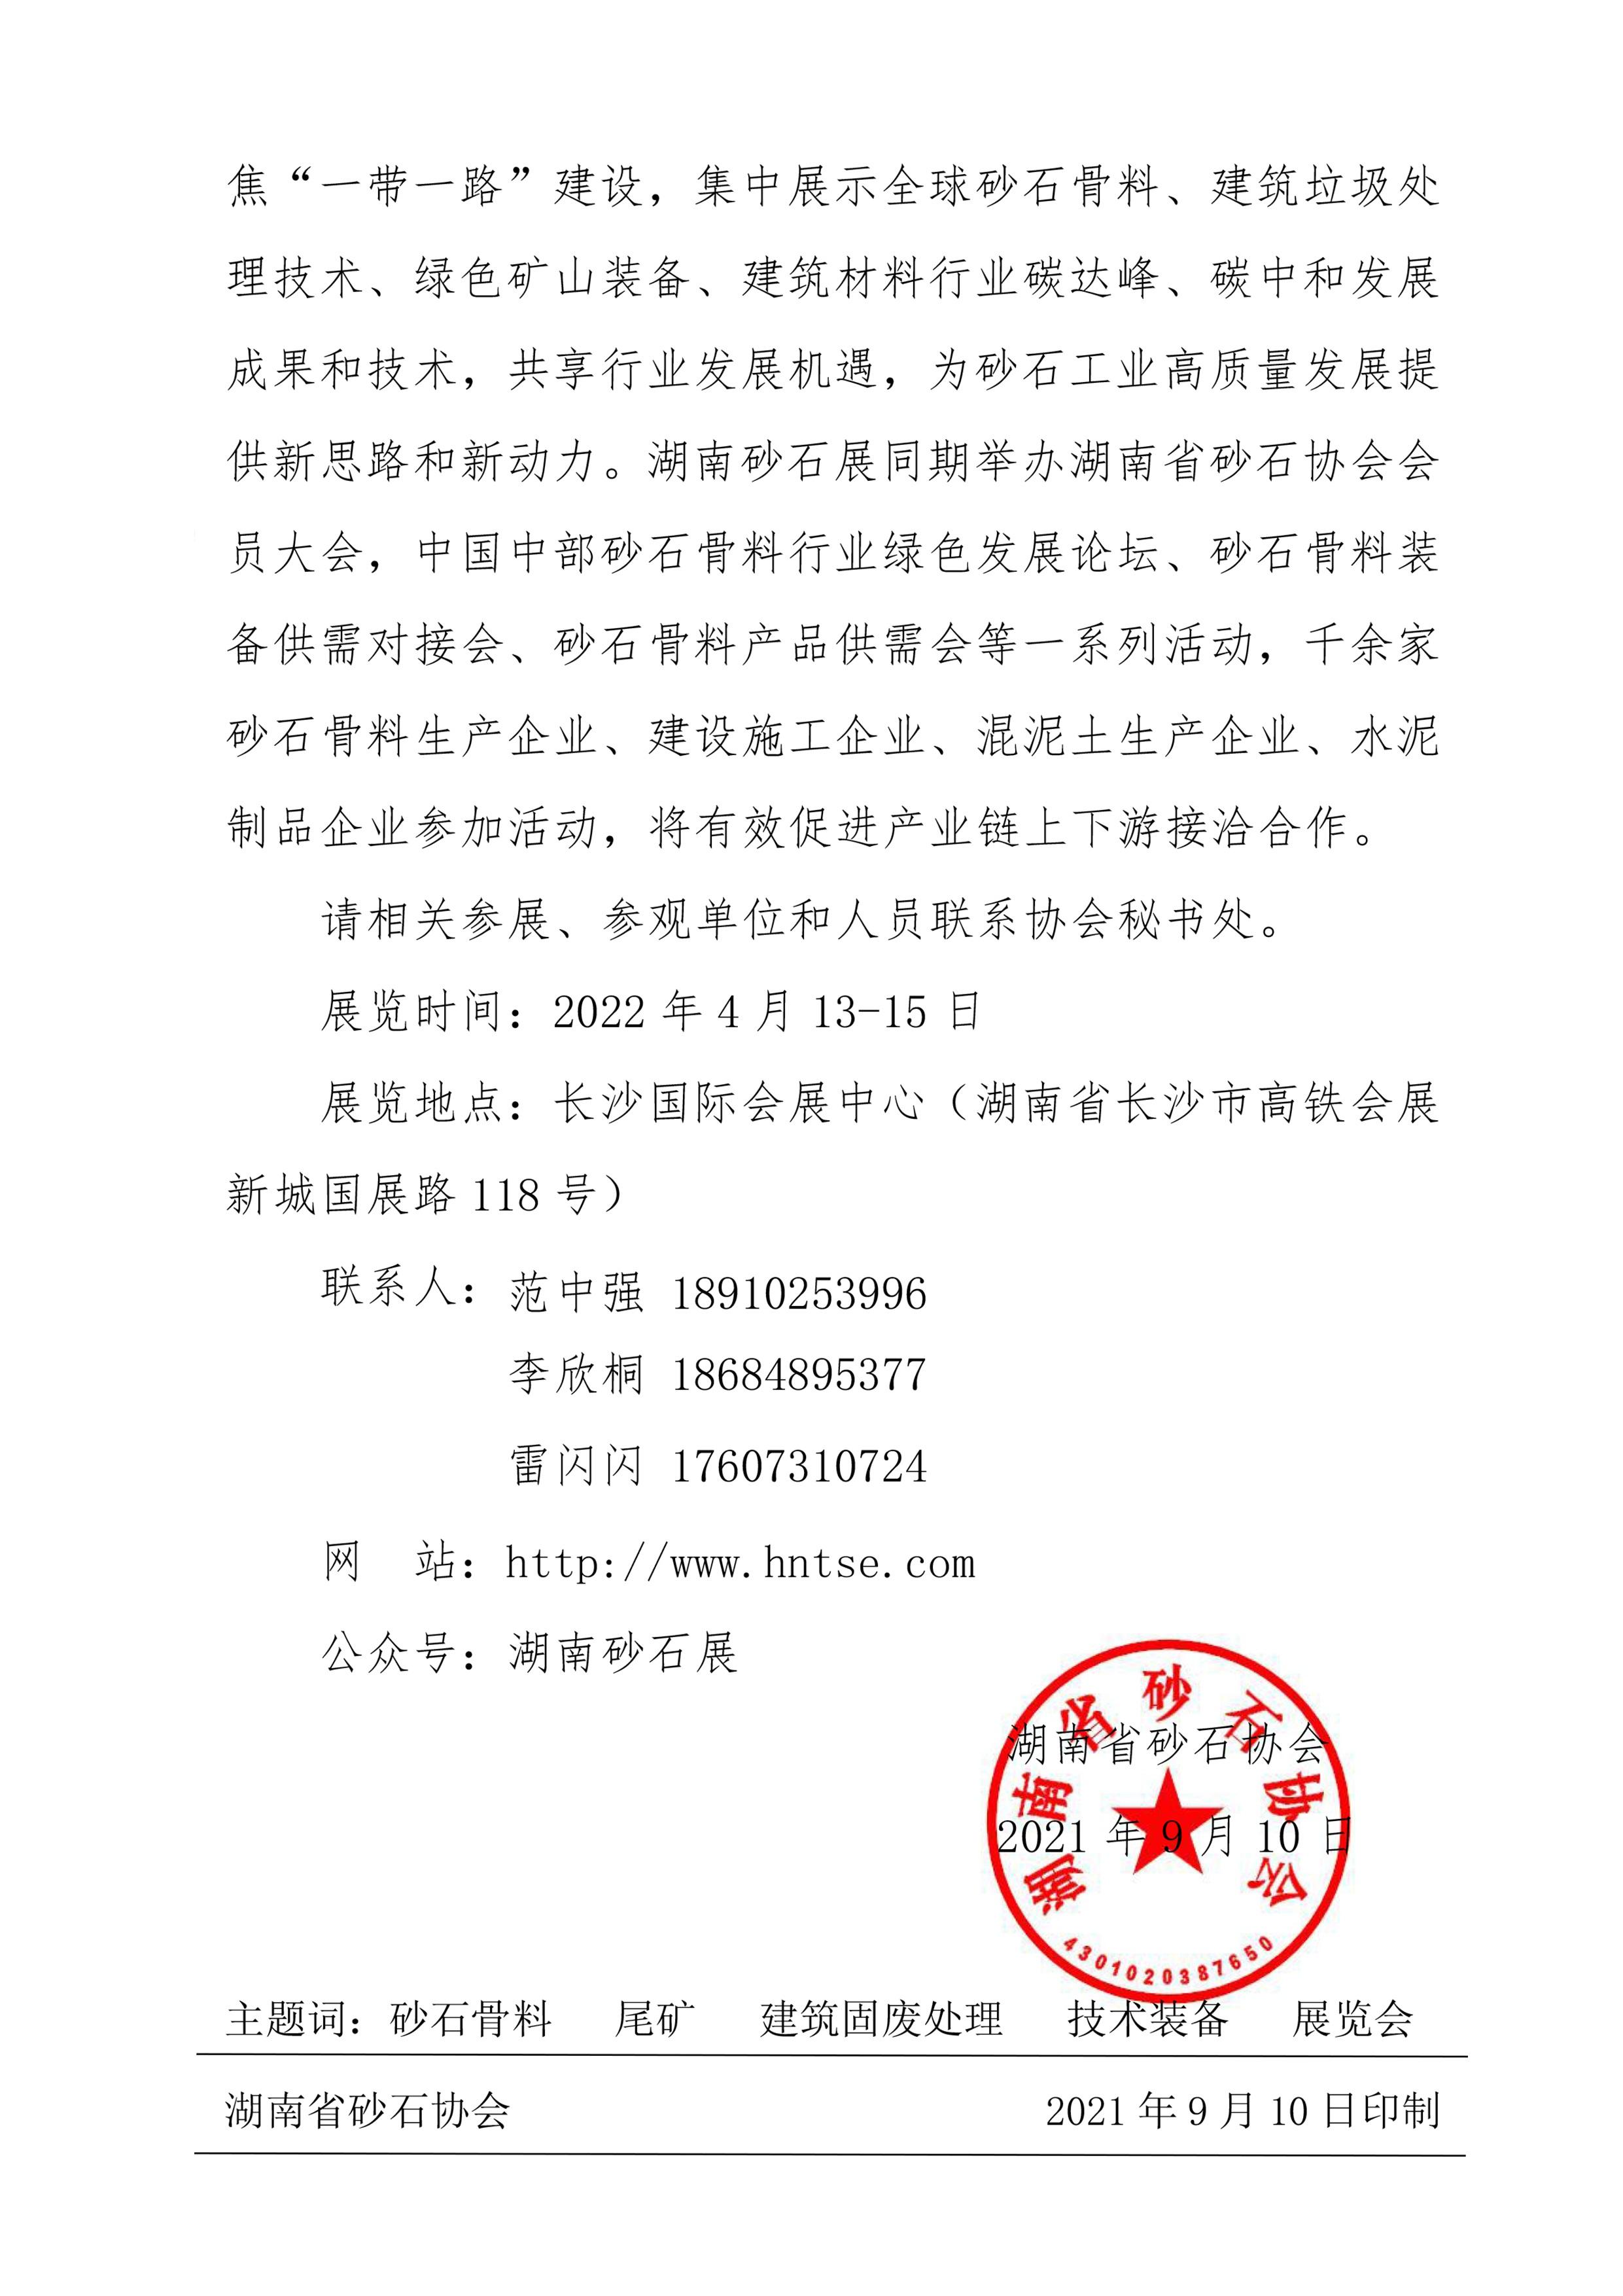 湖南省砂石协会文件-8.jpg